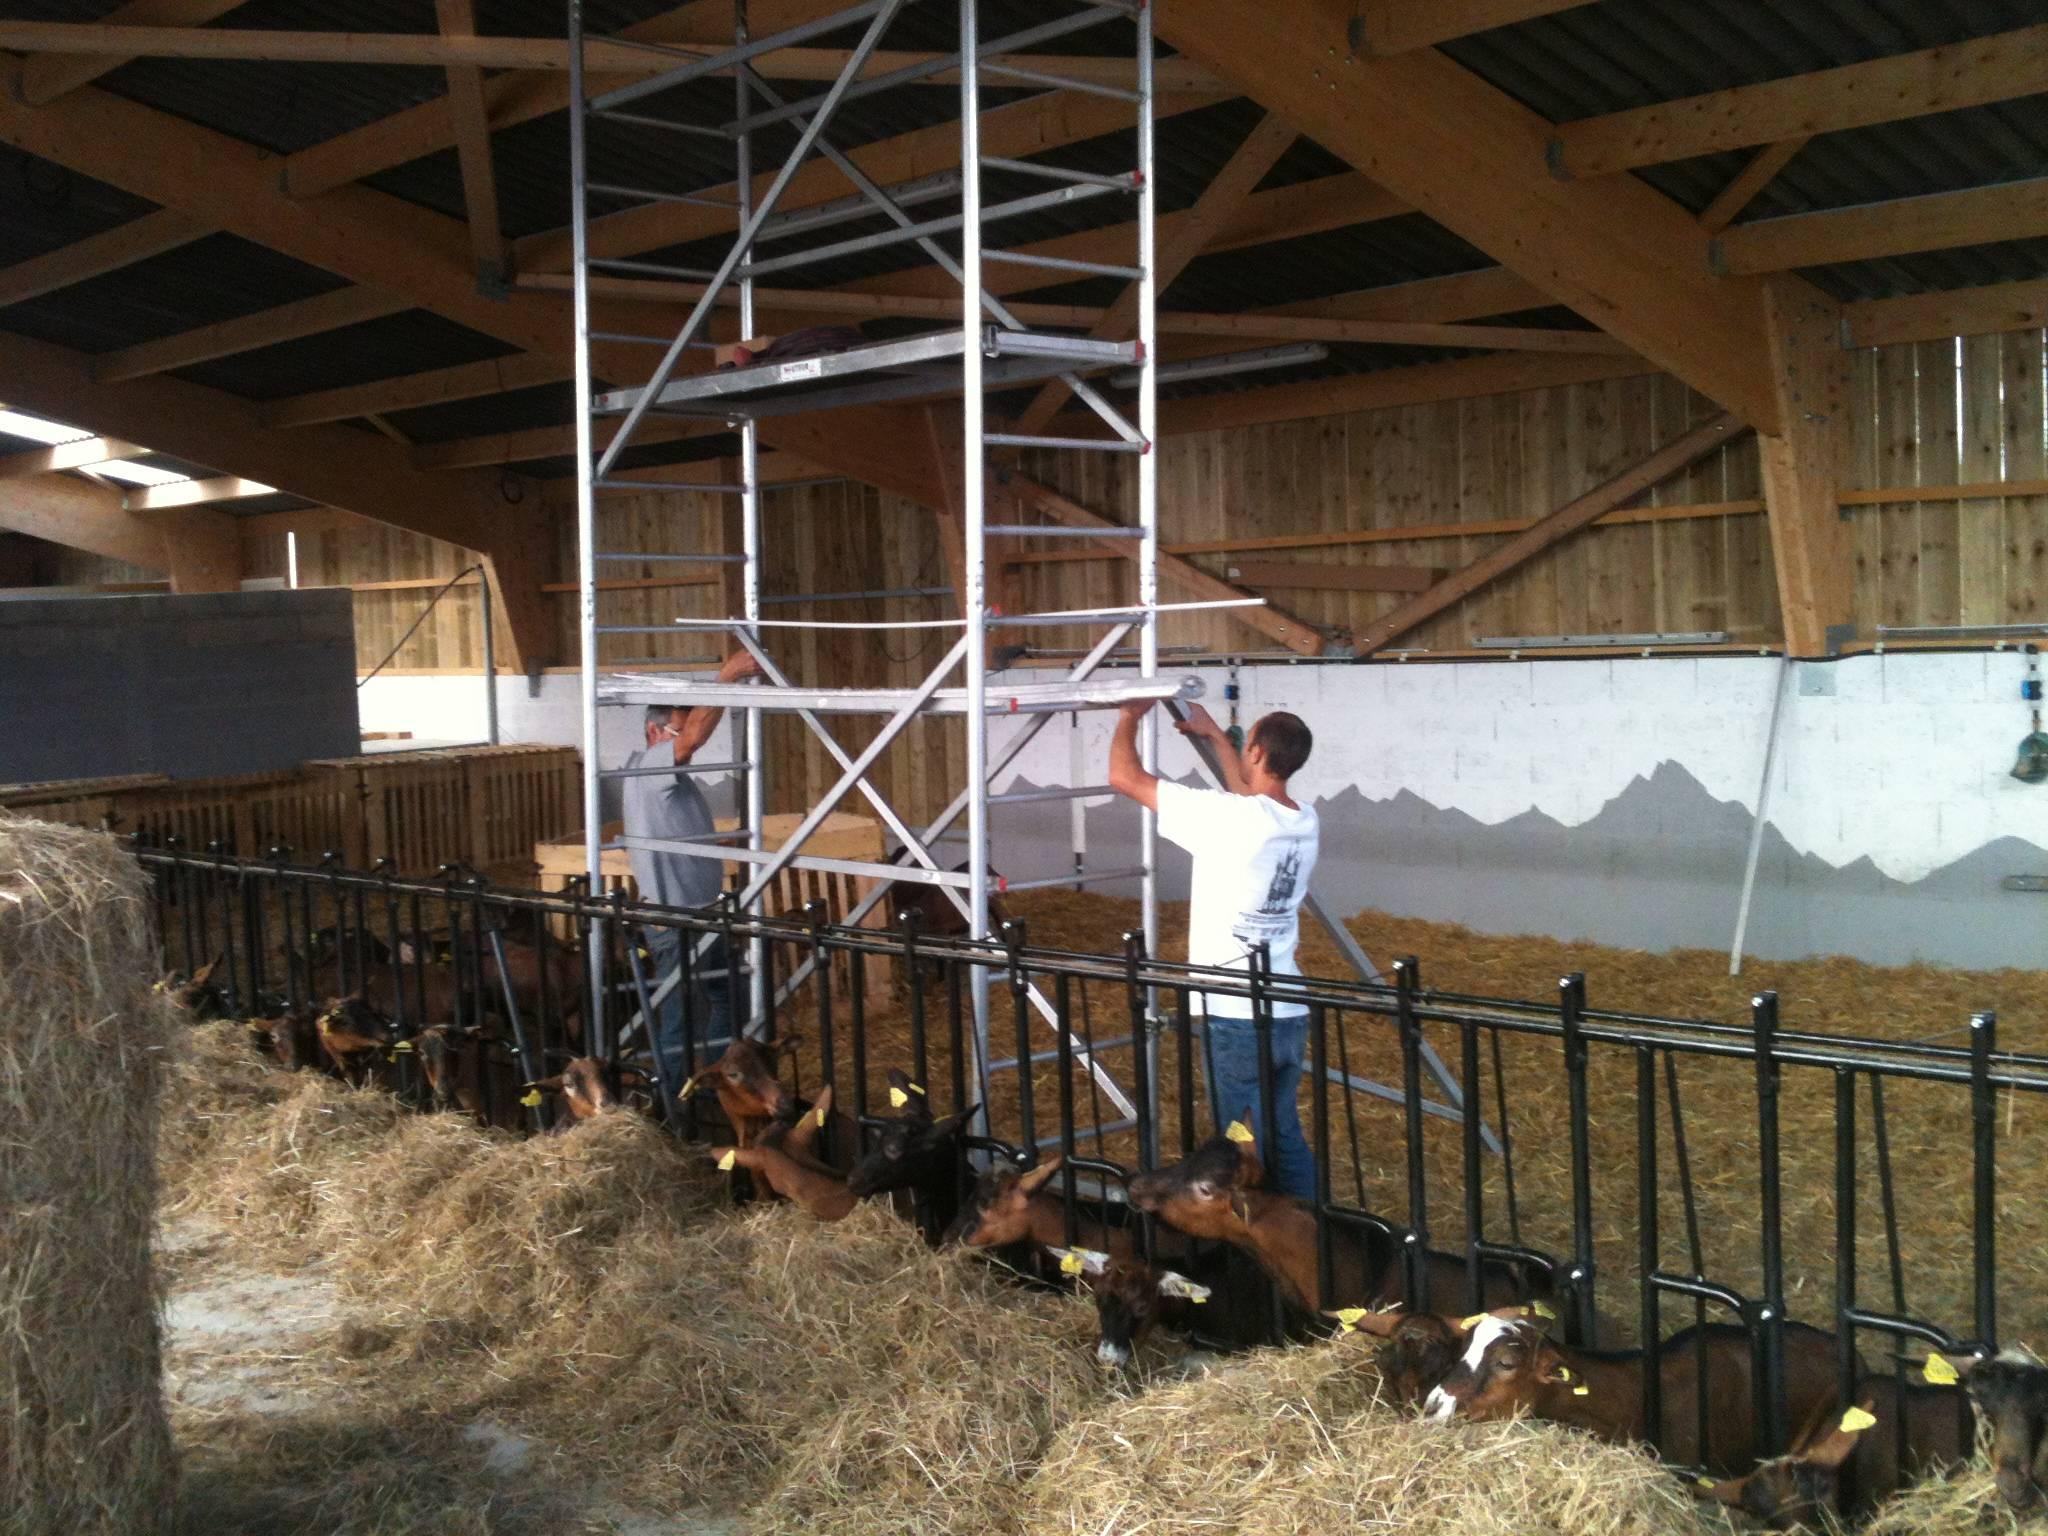 Montage de l'échafaudage au milieu des chèvres